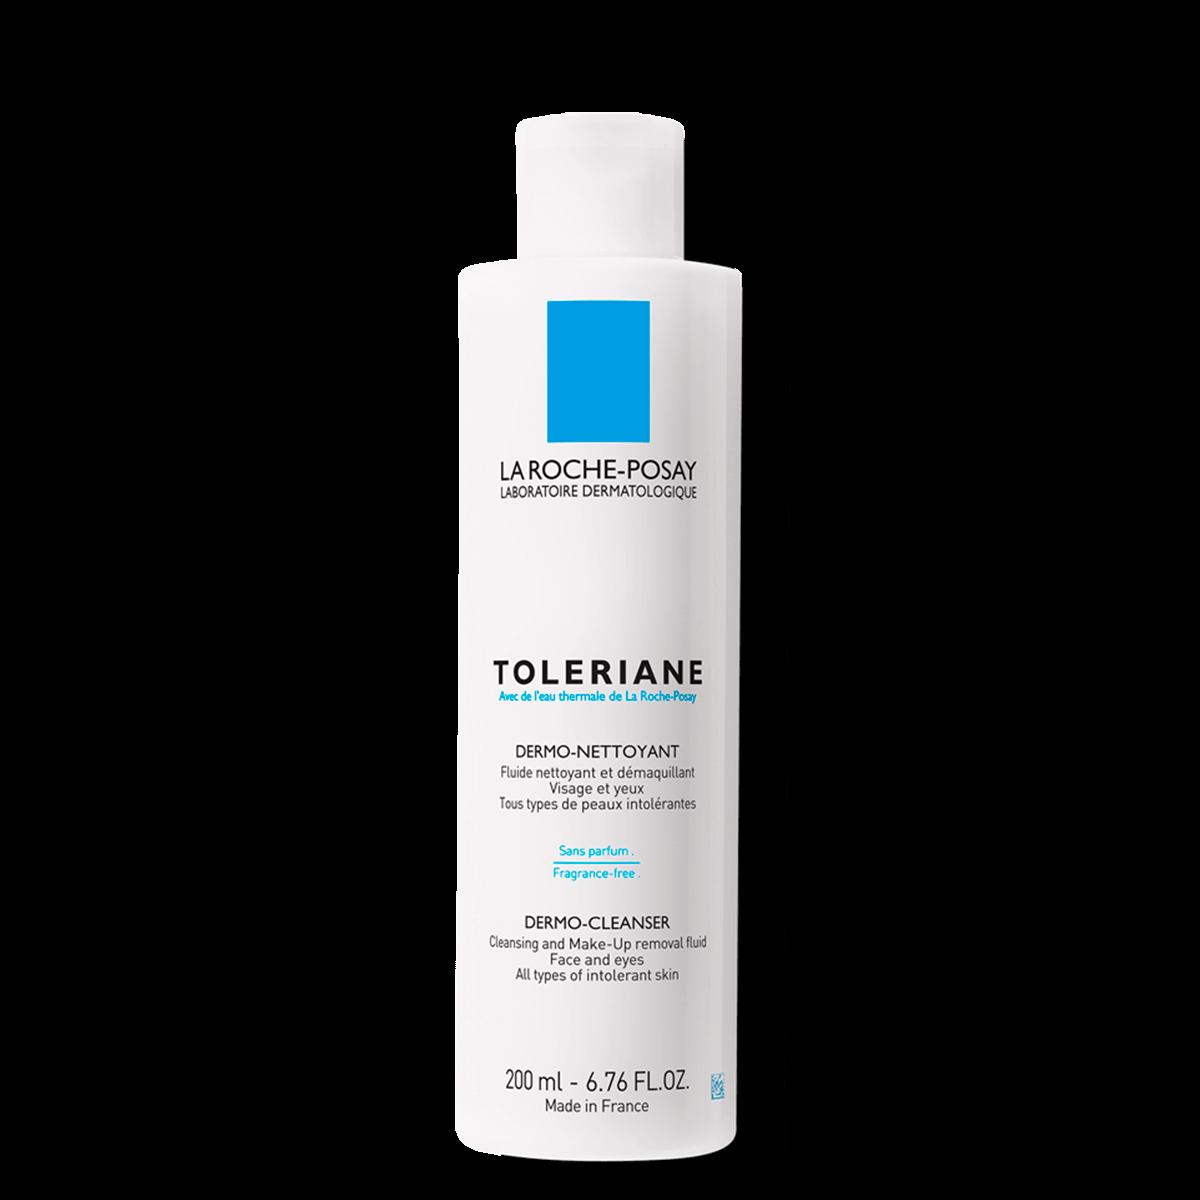 La Roche Posay StránkaProduktu Citlivá Alergická Toleriane Dermo Cleanser